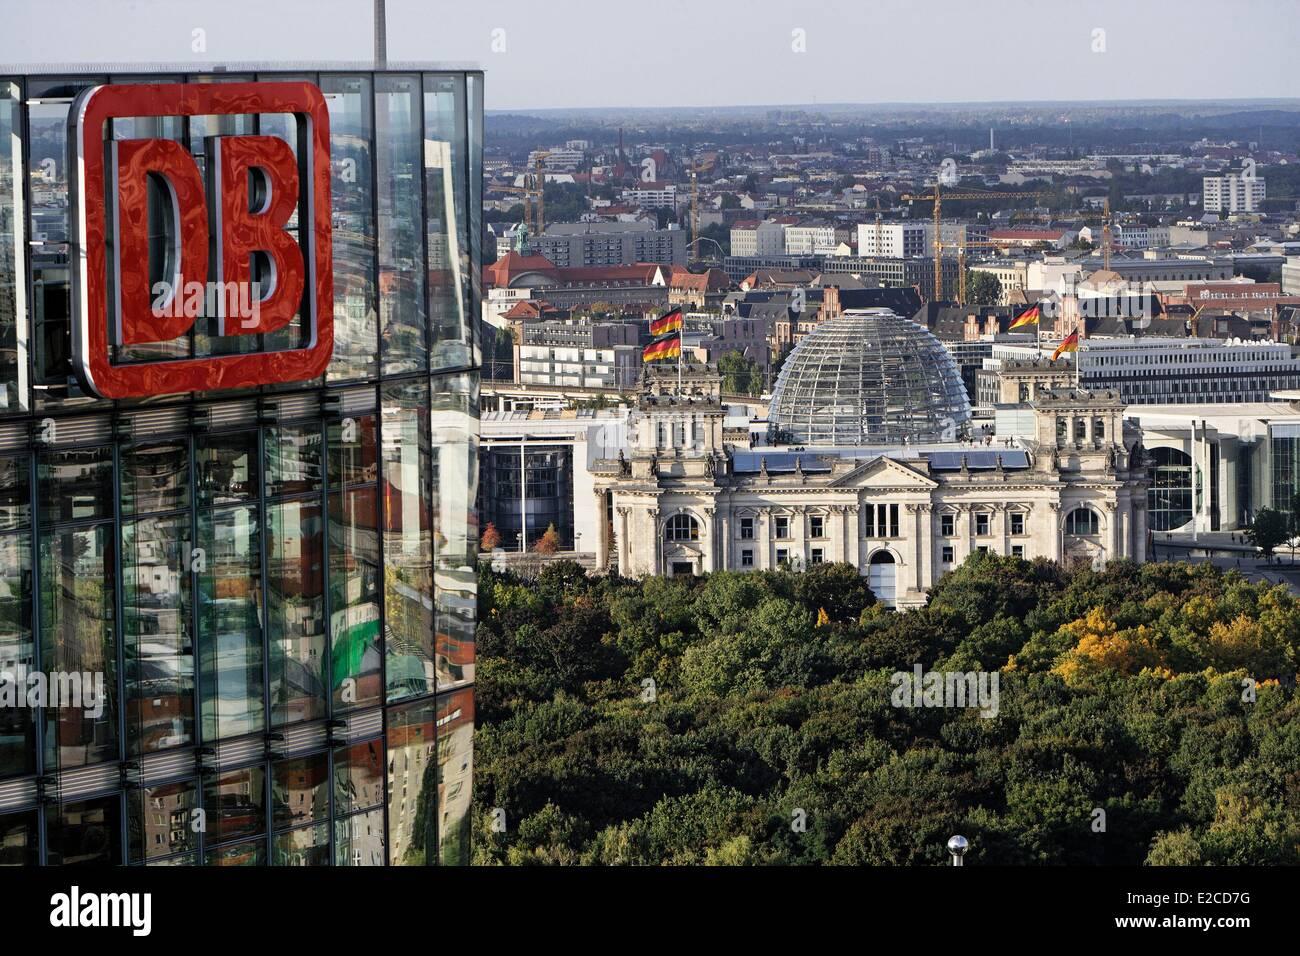 Deutschland, Berlin, Potsdamer Platz, Reichstag und DB-Turm (Hauptsitz der Deutche Bahn) Stockbild